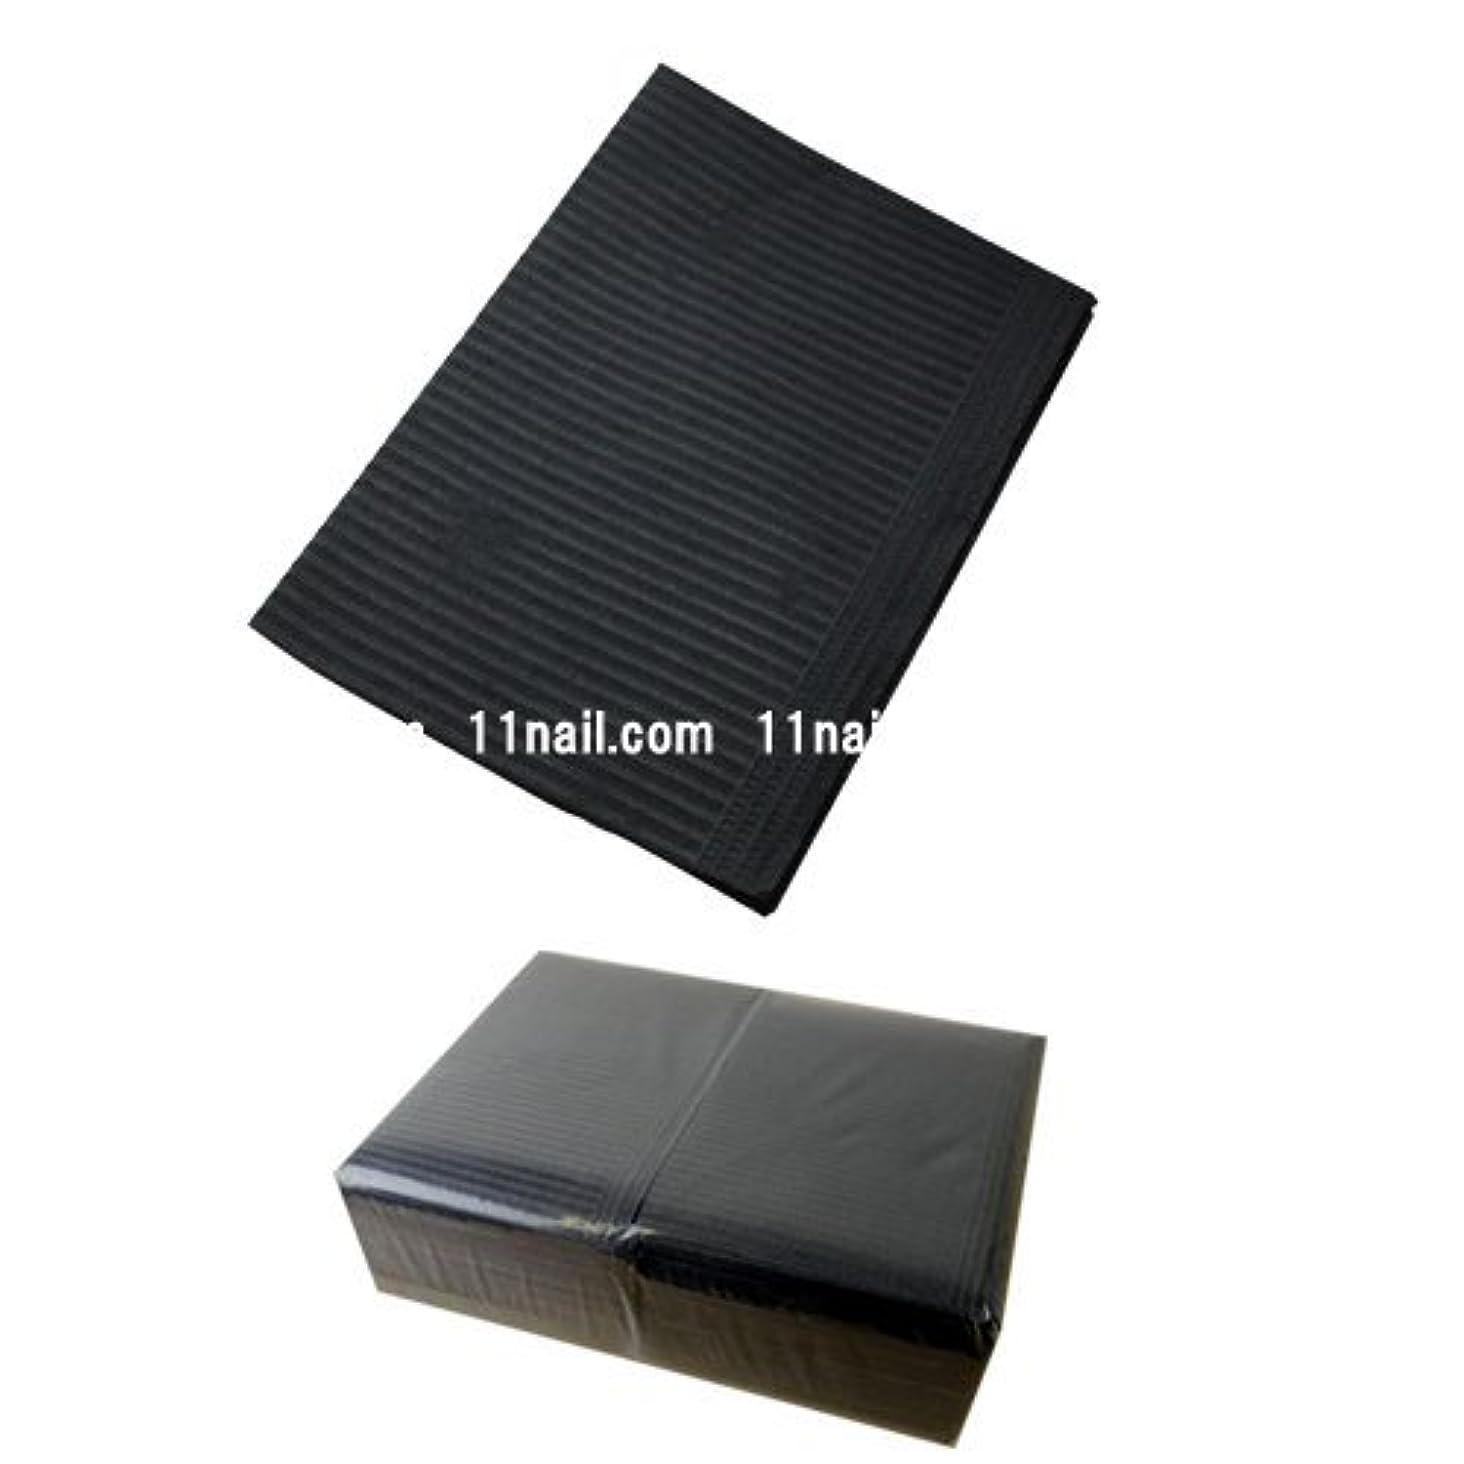 レキシコン違法刃ネイル 防水ペーパー/裏面防水ネイルシート 50枚 ブラック